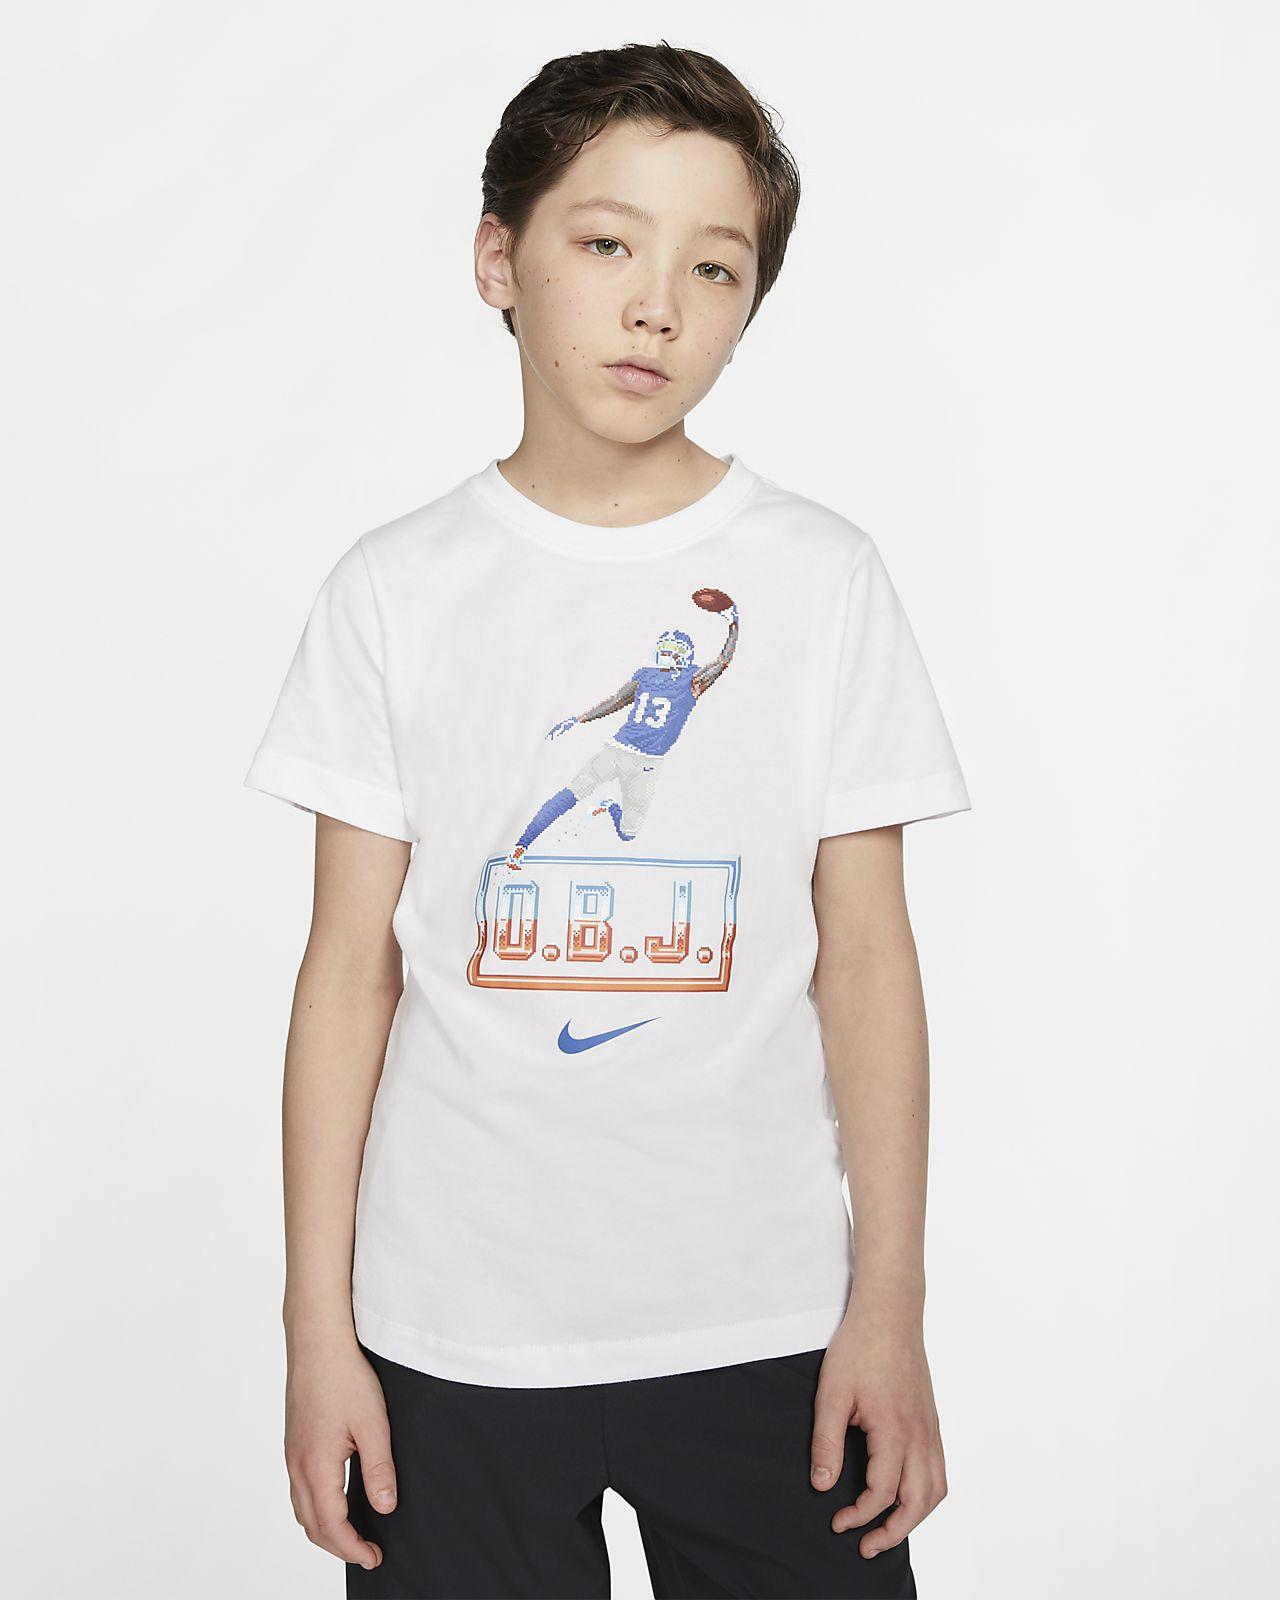 Nike Dri-FIT Big Kids' (Boys') Football T-Shirt